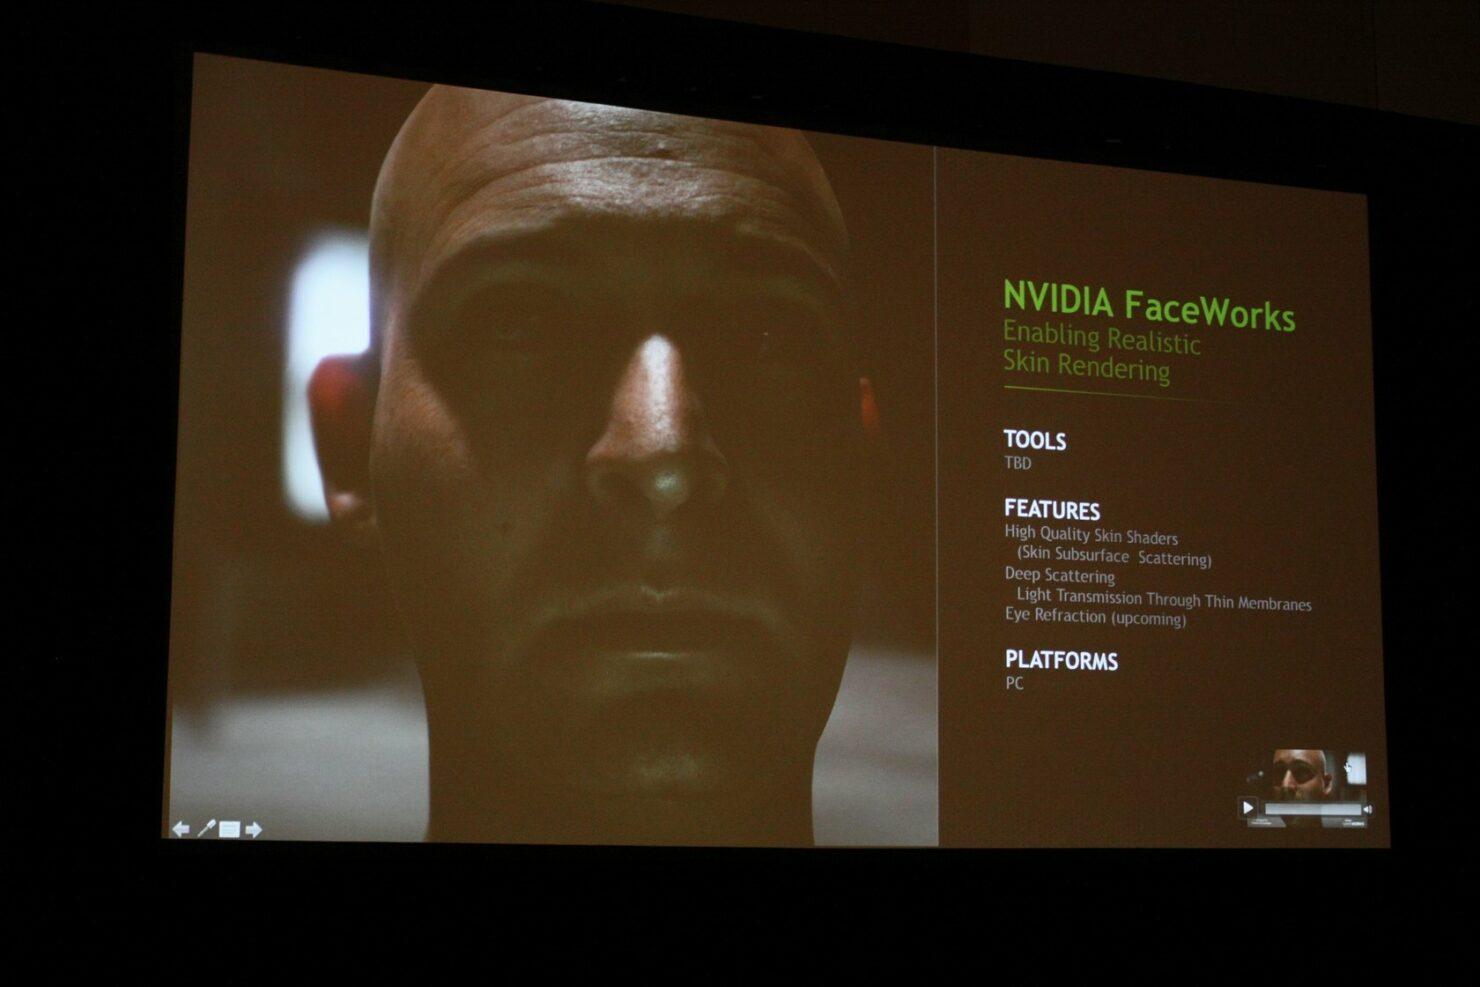 nvidia-faceworks